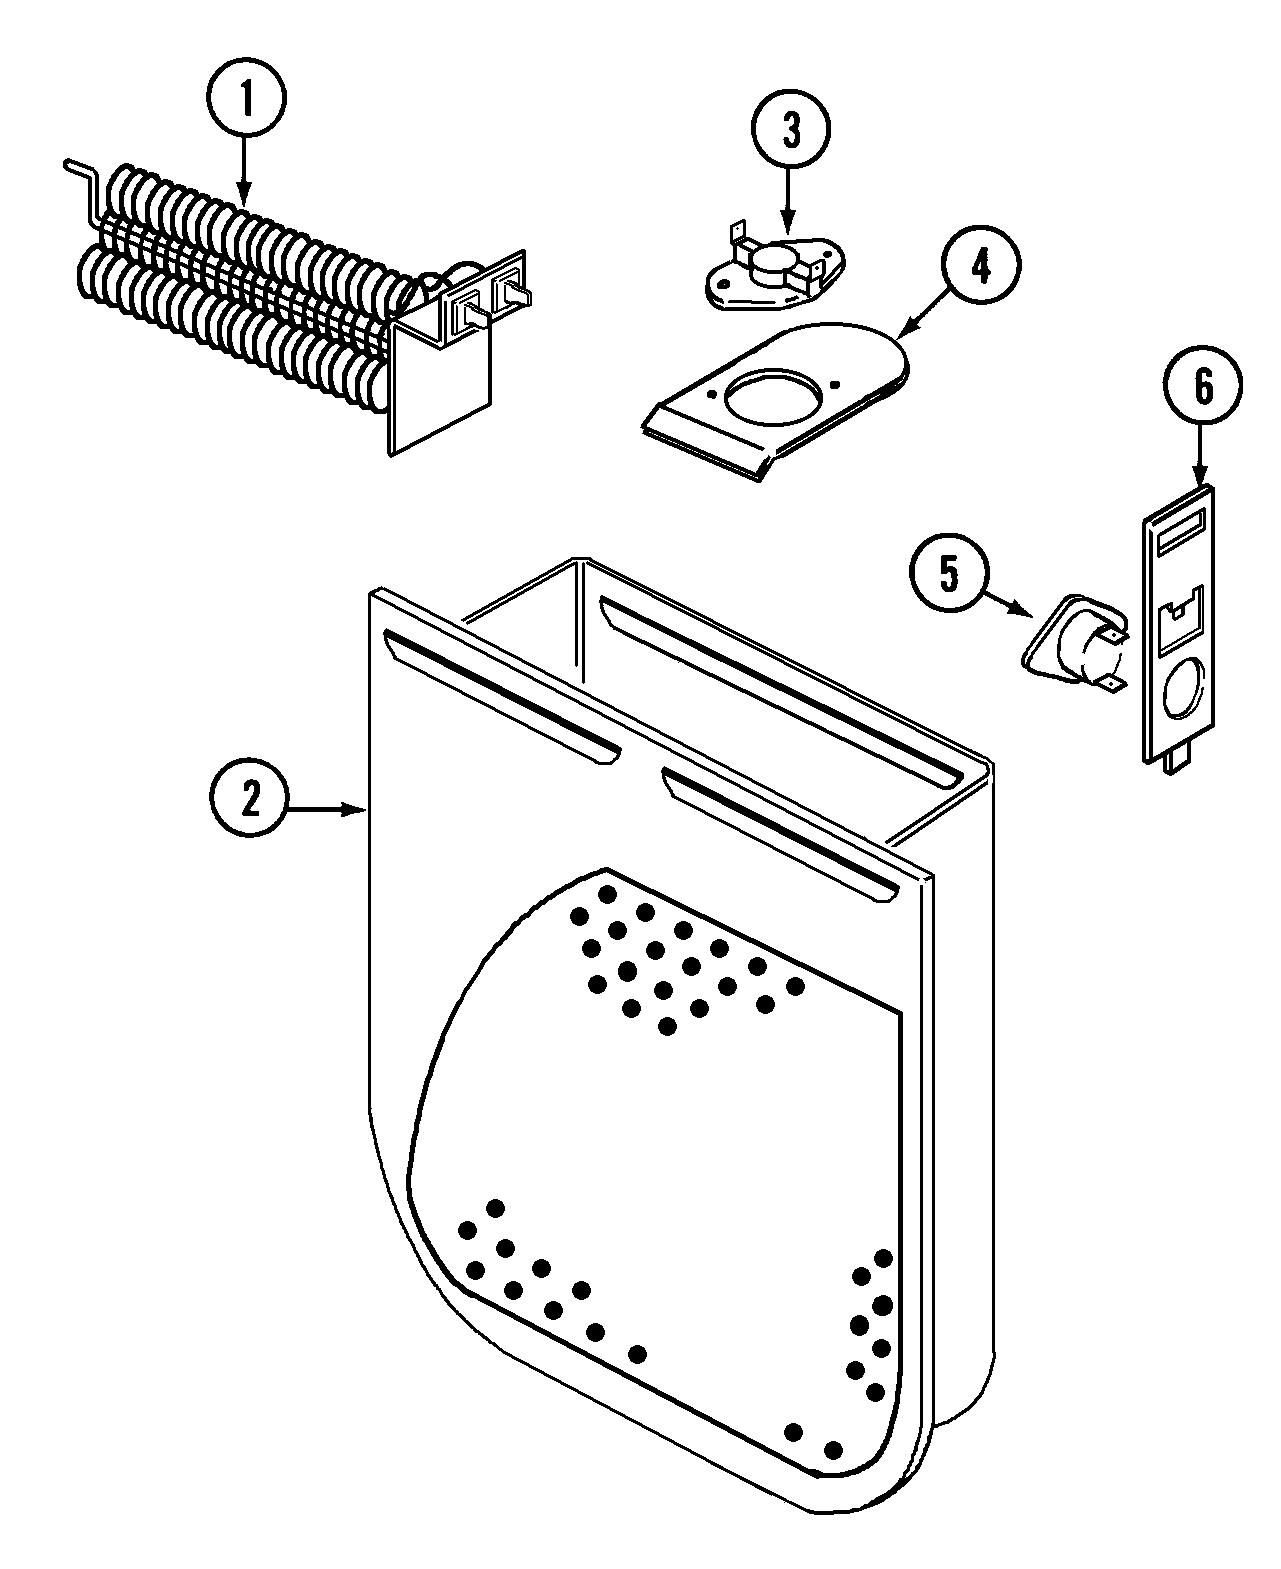 maytag pye4500ayw heater diagram [ 1281 x 1569 Pixel ]